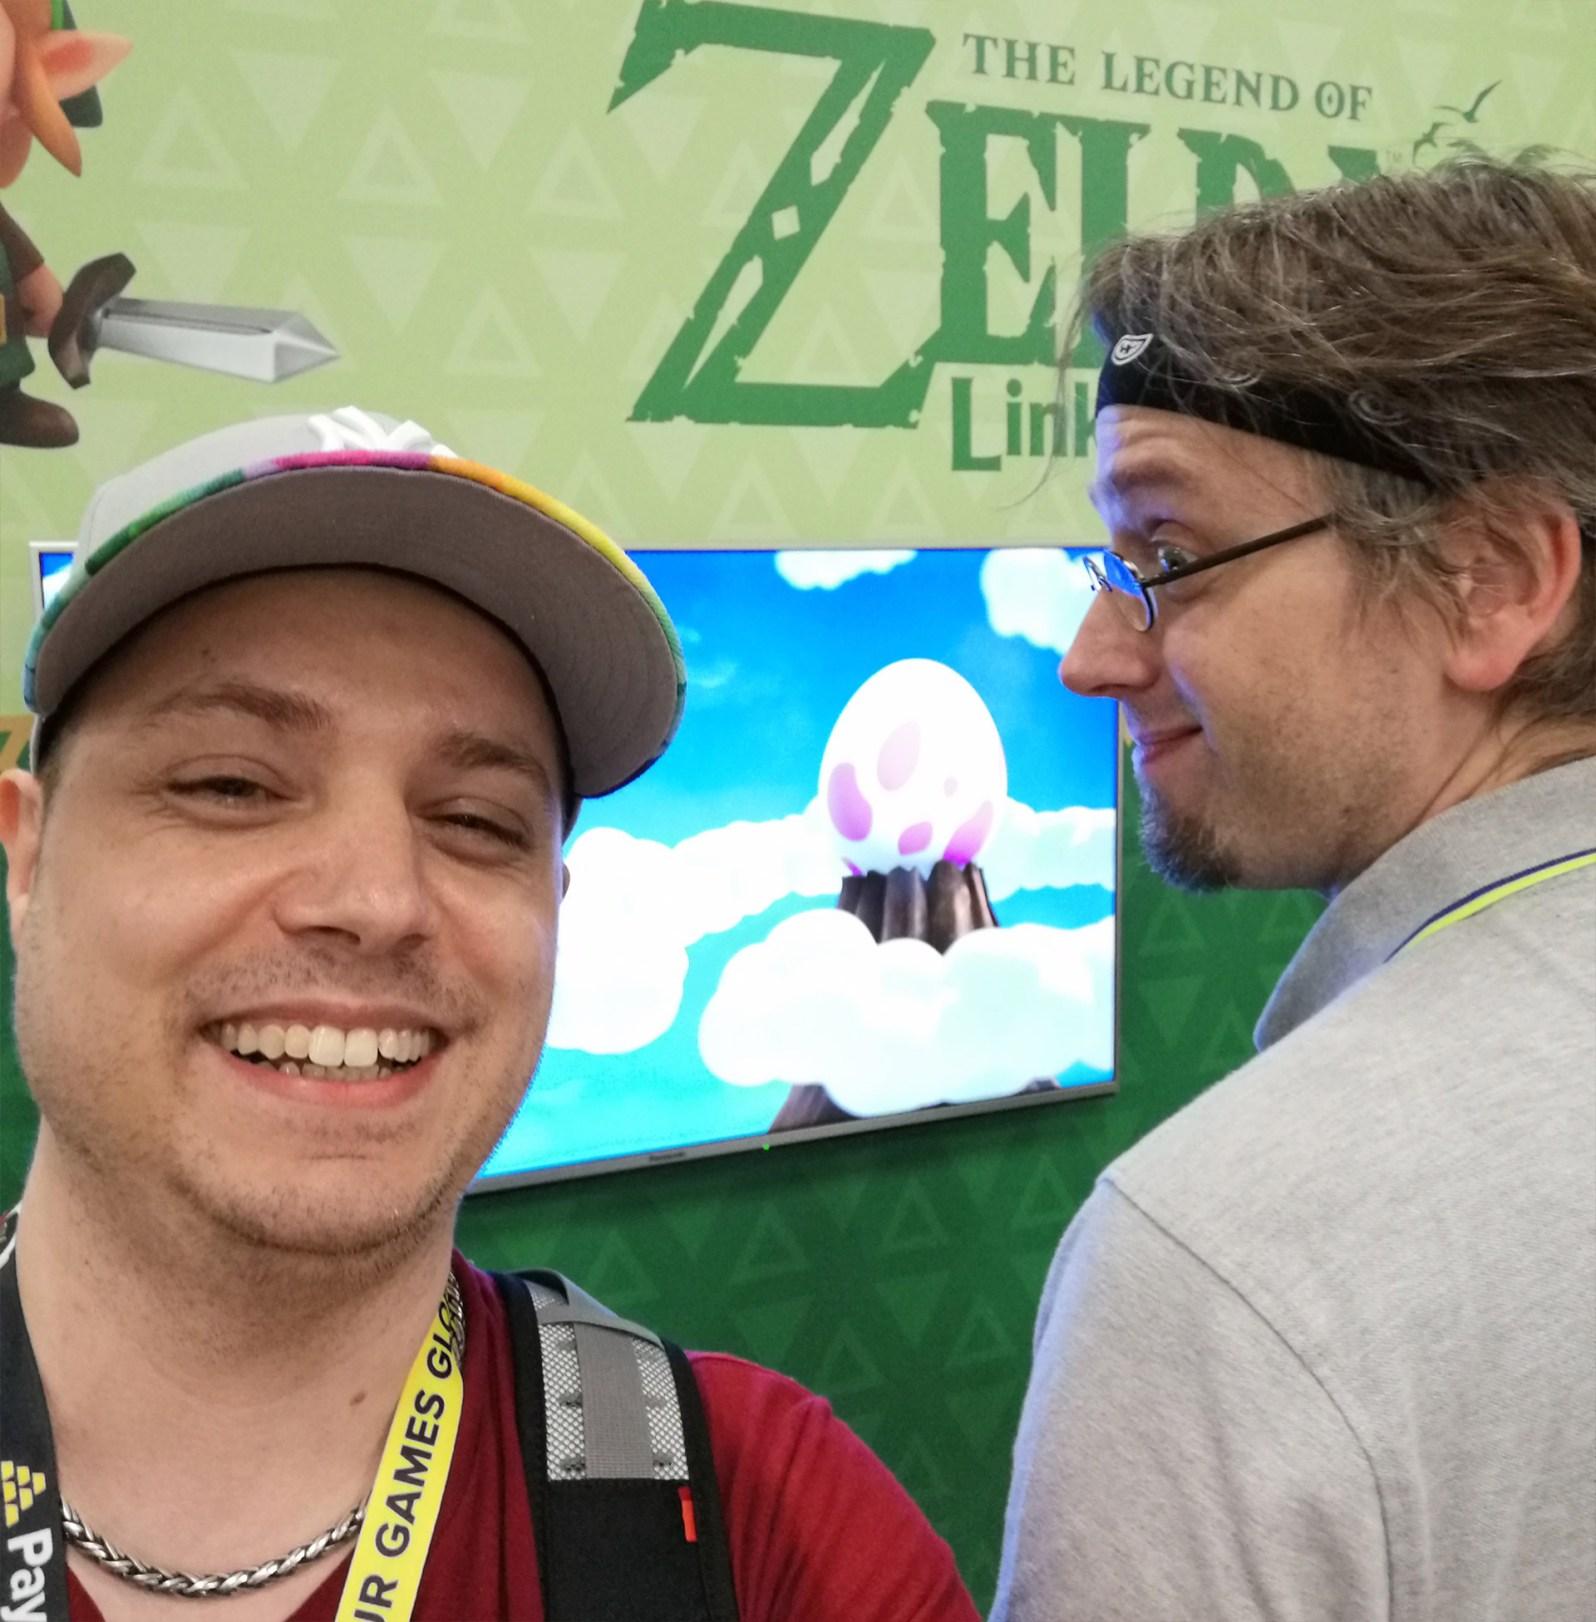 Jean und ich erkunden den Nintendo Messestand in Halle 4.2.